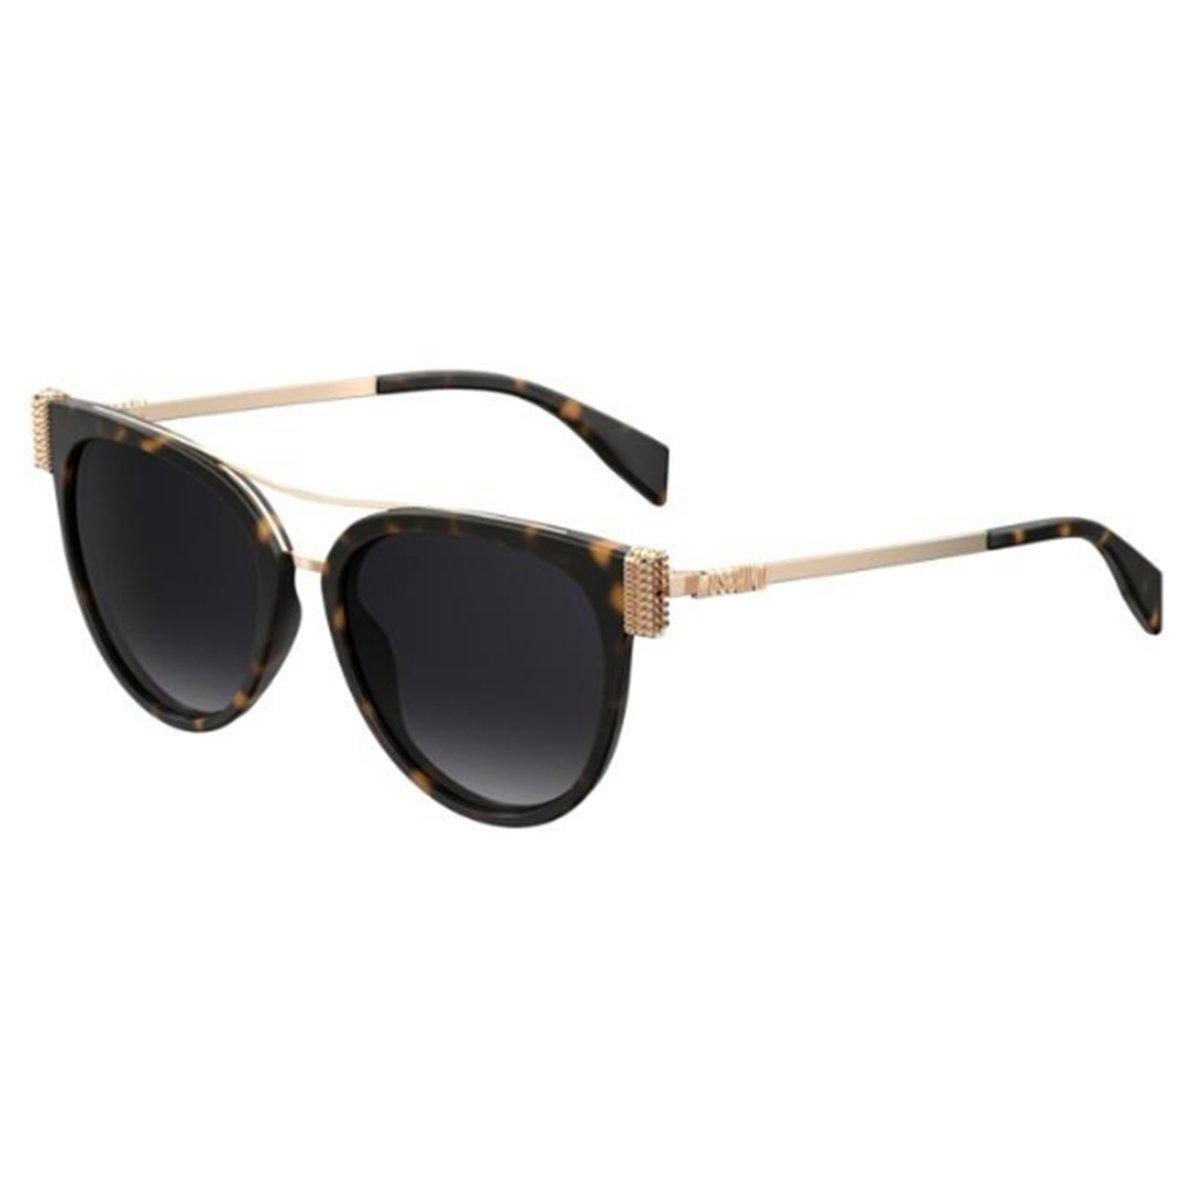 c91abfd9ca4f2 Compre Óculos de Sol Moschino em 10X